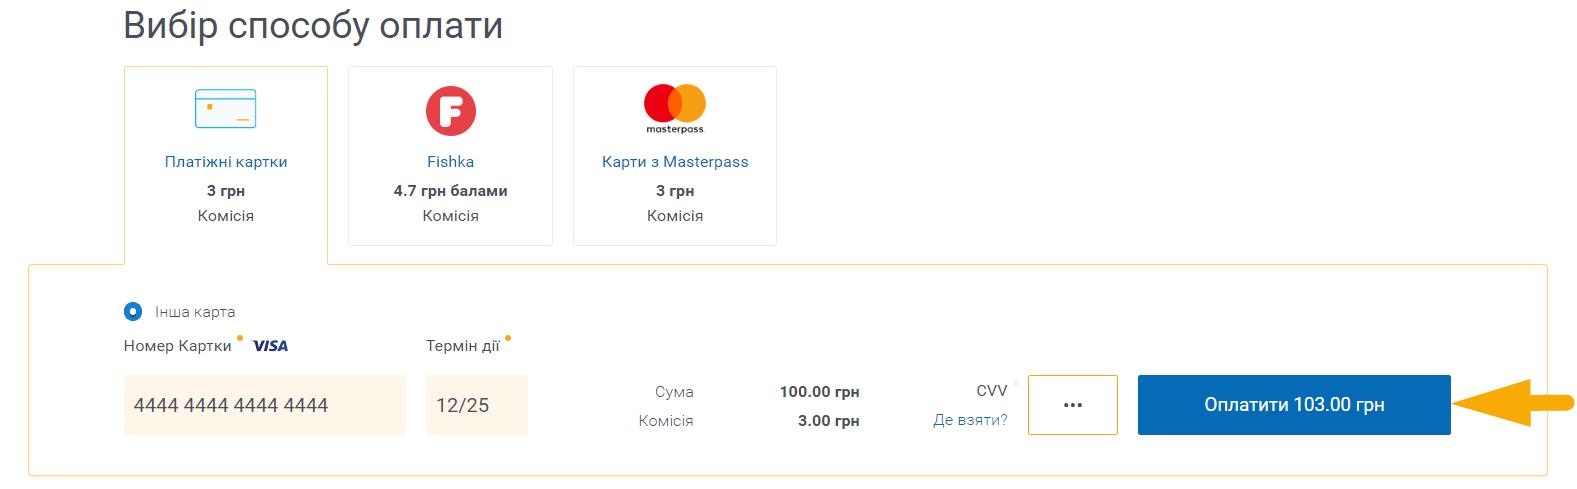 Як сплатити Миколаївгаз збут - крок 4